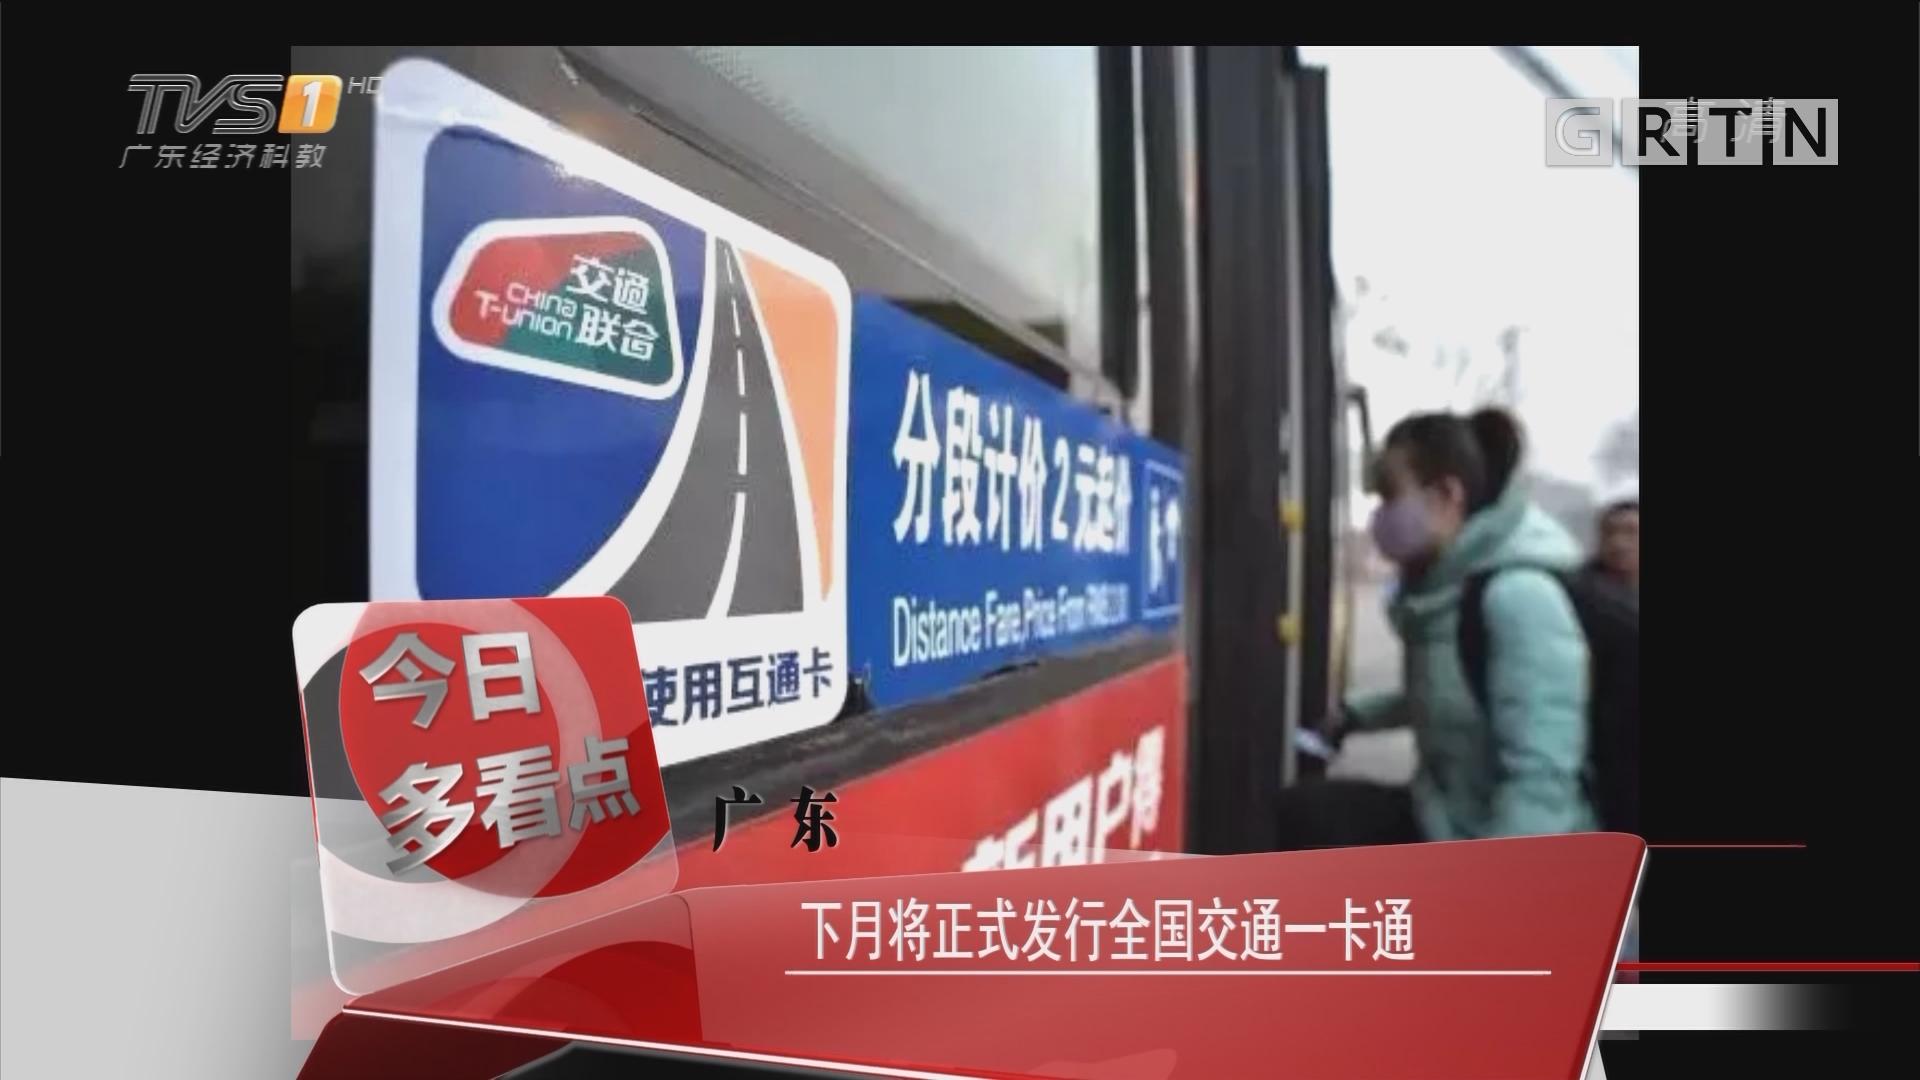 广东:下月将正式发行全国交通一卡通